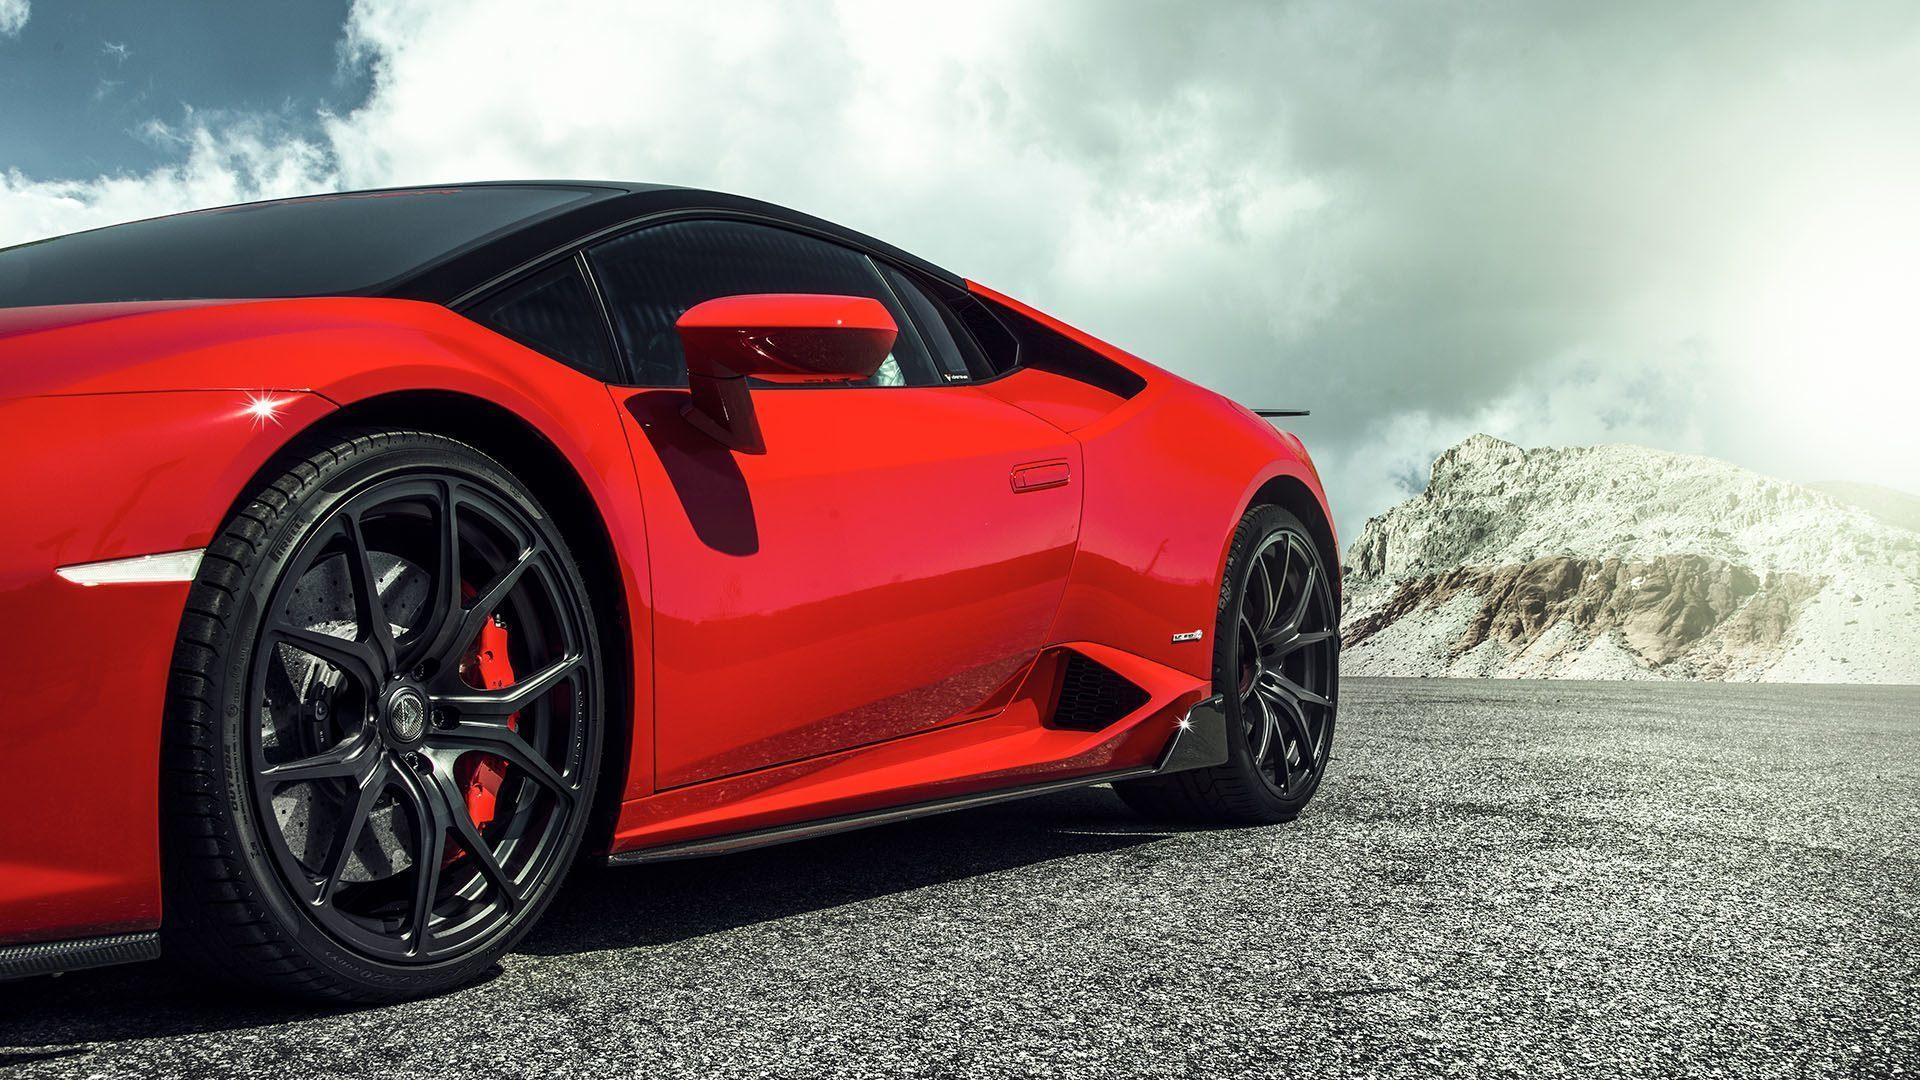 VORSTEINER STYLE CARBON DOOR SILLS for Lamborghini Huracan new model